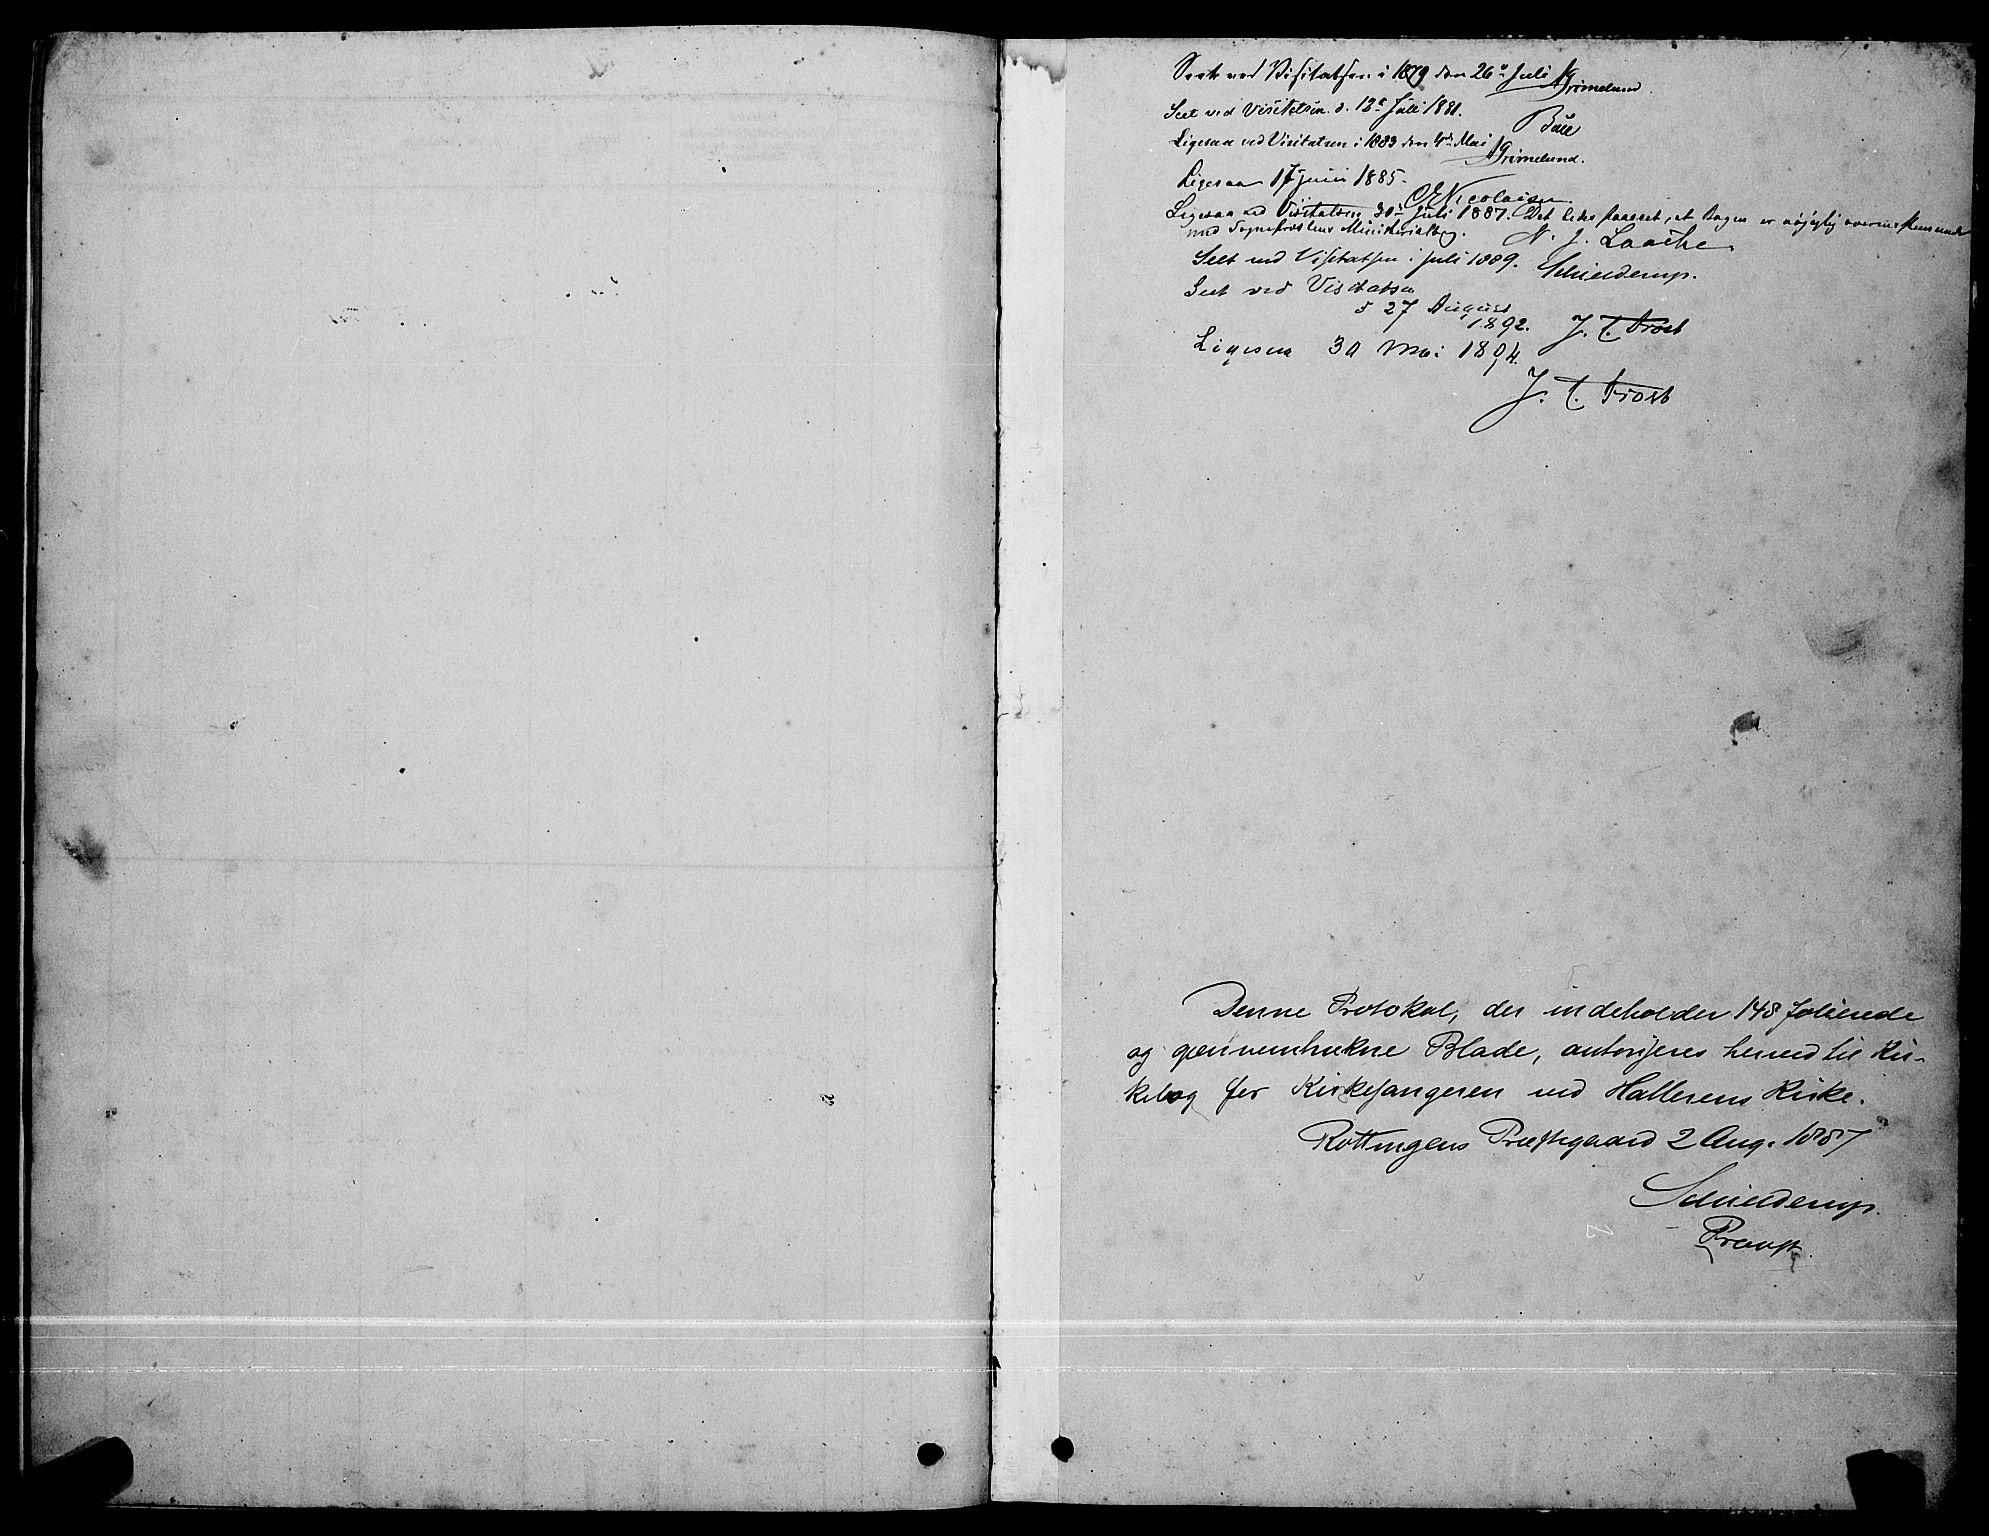 SAT, Ministerialprotokoller, klokkerbøker og fødselsregistre - Sør-Trøndelag, 641/L0597: Klokkerbok nr. 641C01, 1878-1893